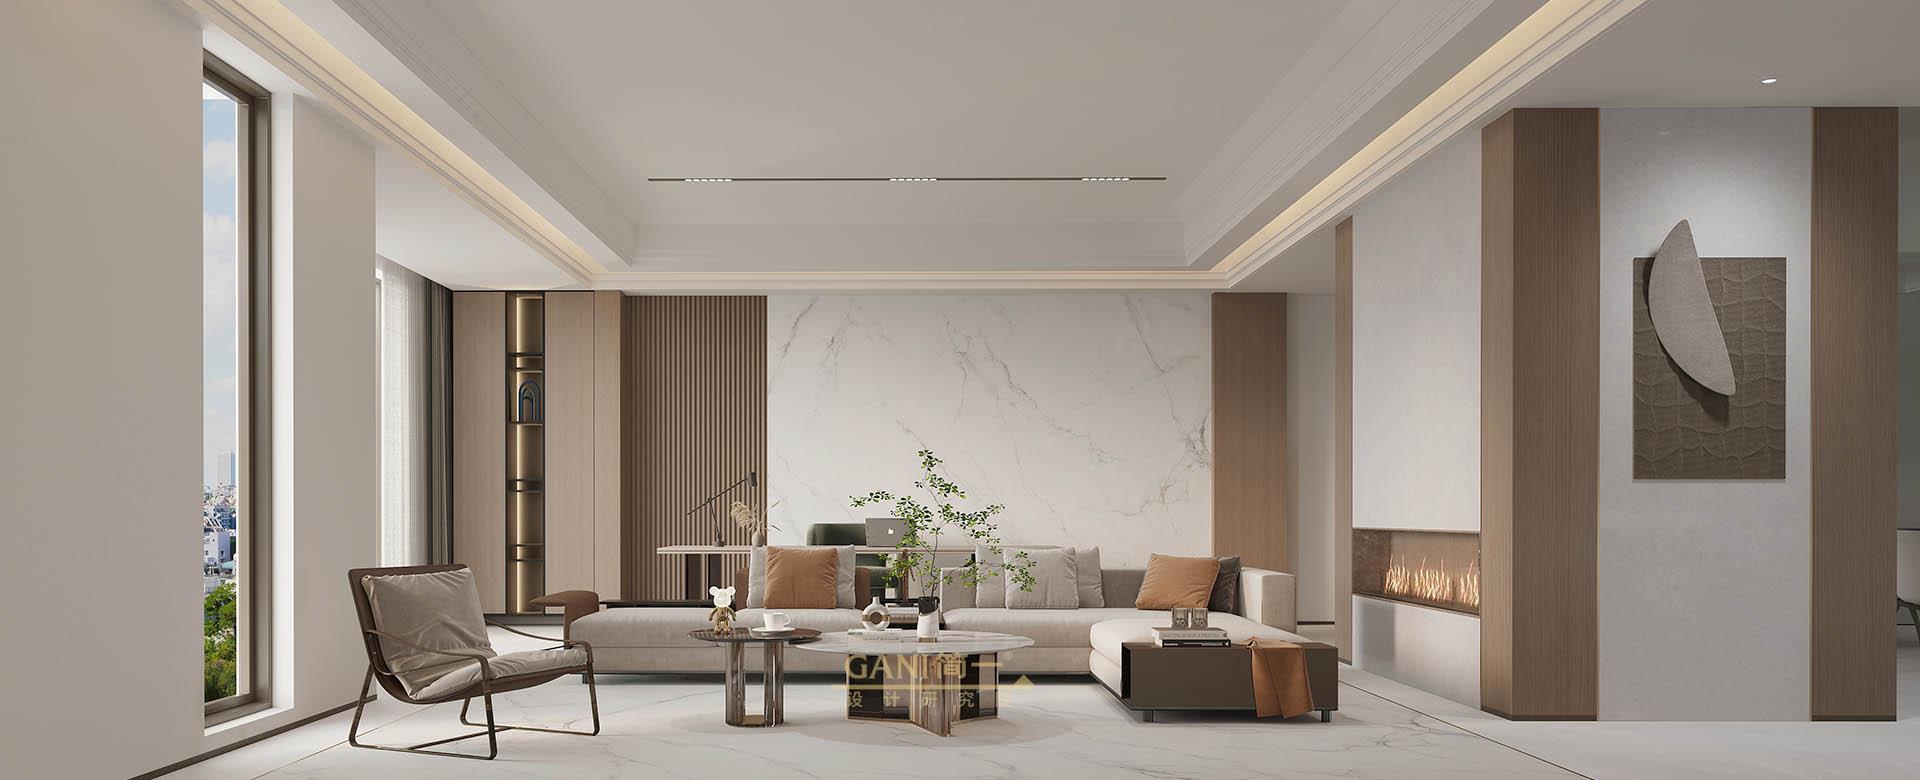 聊城唛赛My Side床垫